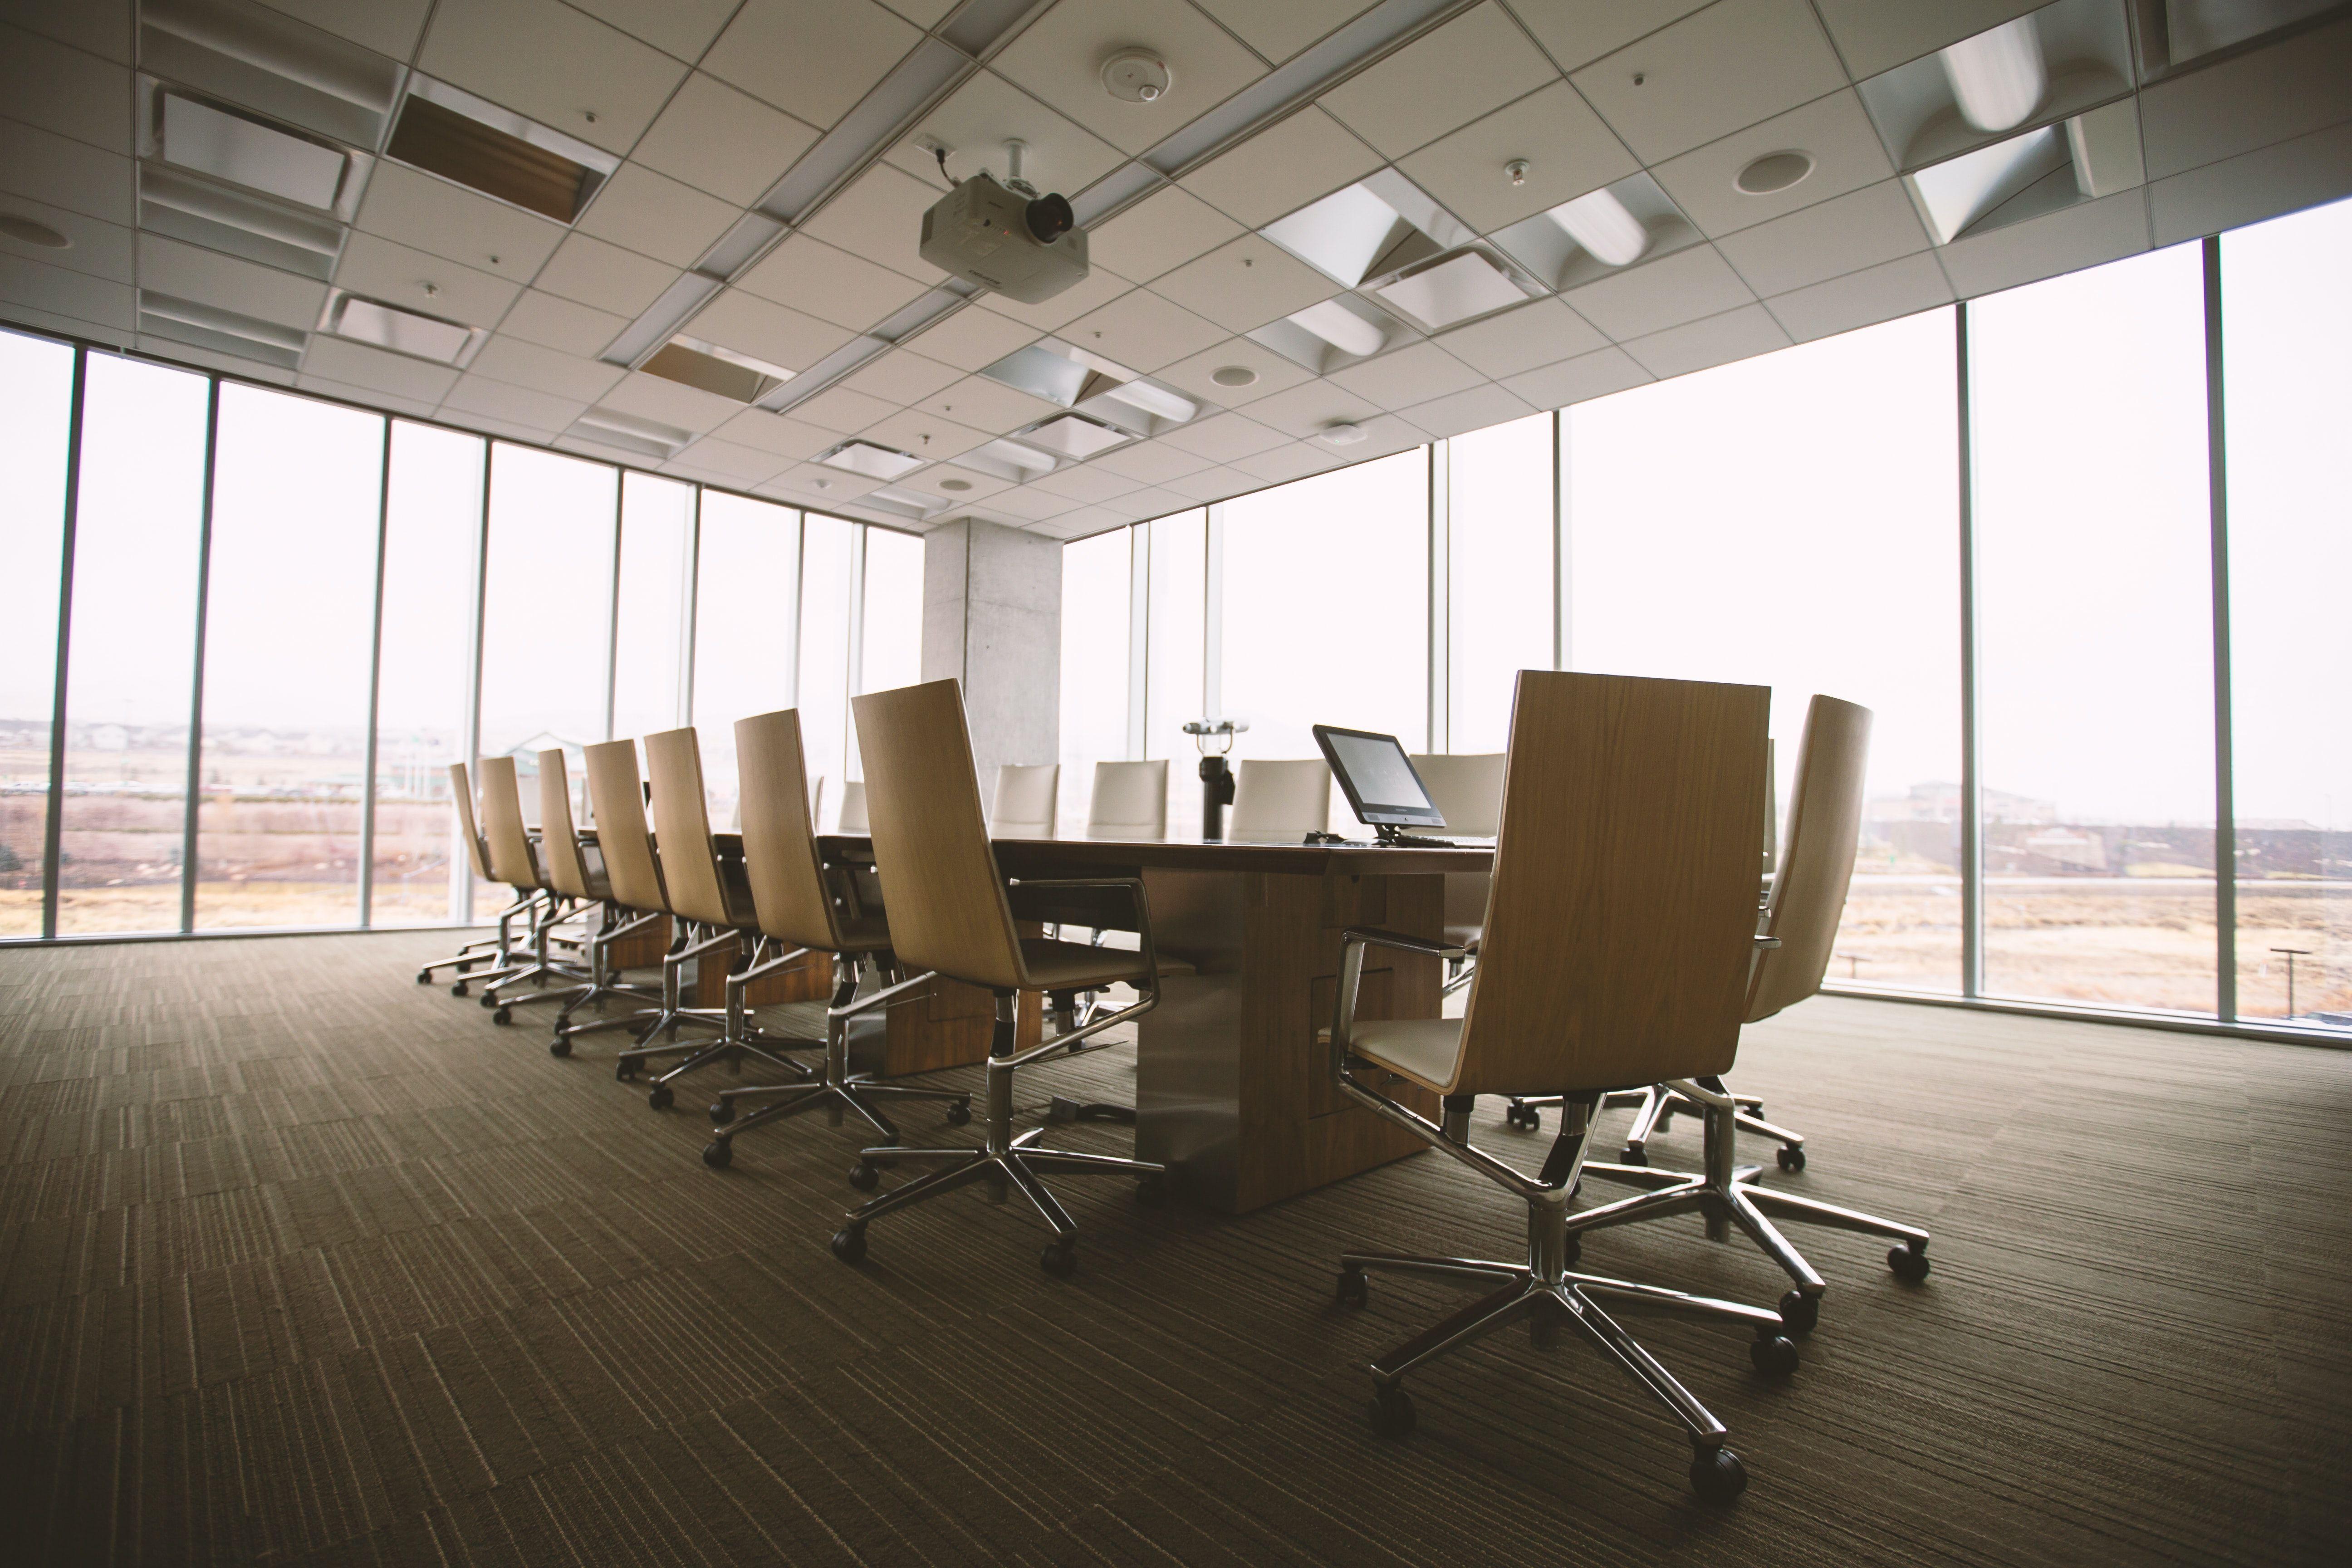 یک میز جلسه بزرگ و تعدادی صندلی خالی در اطرافش